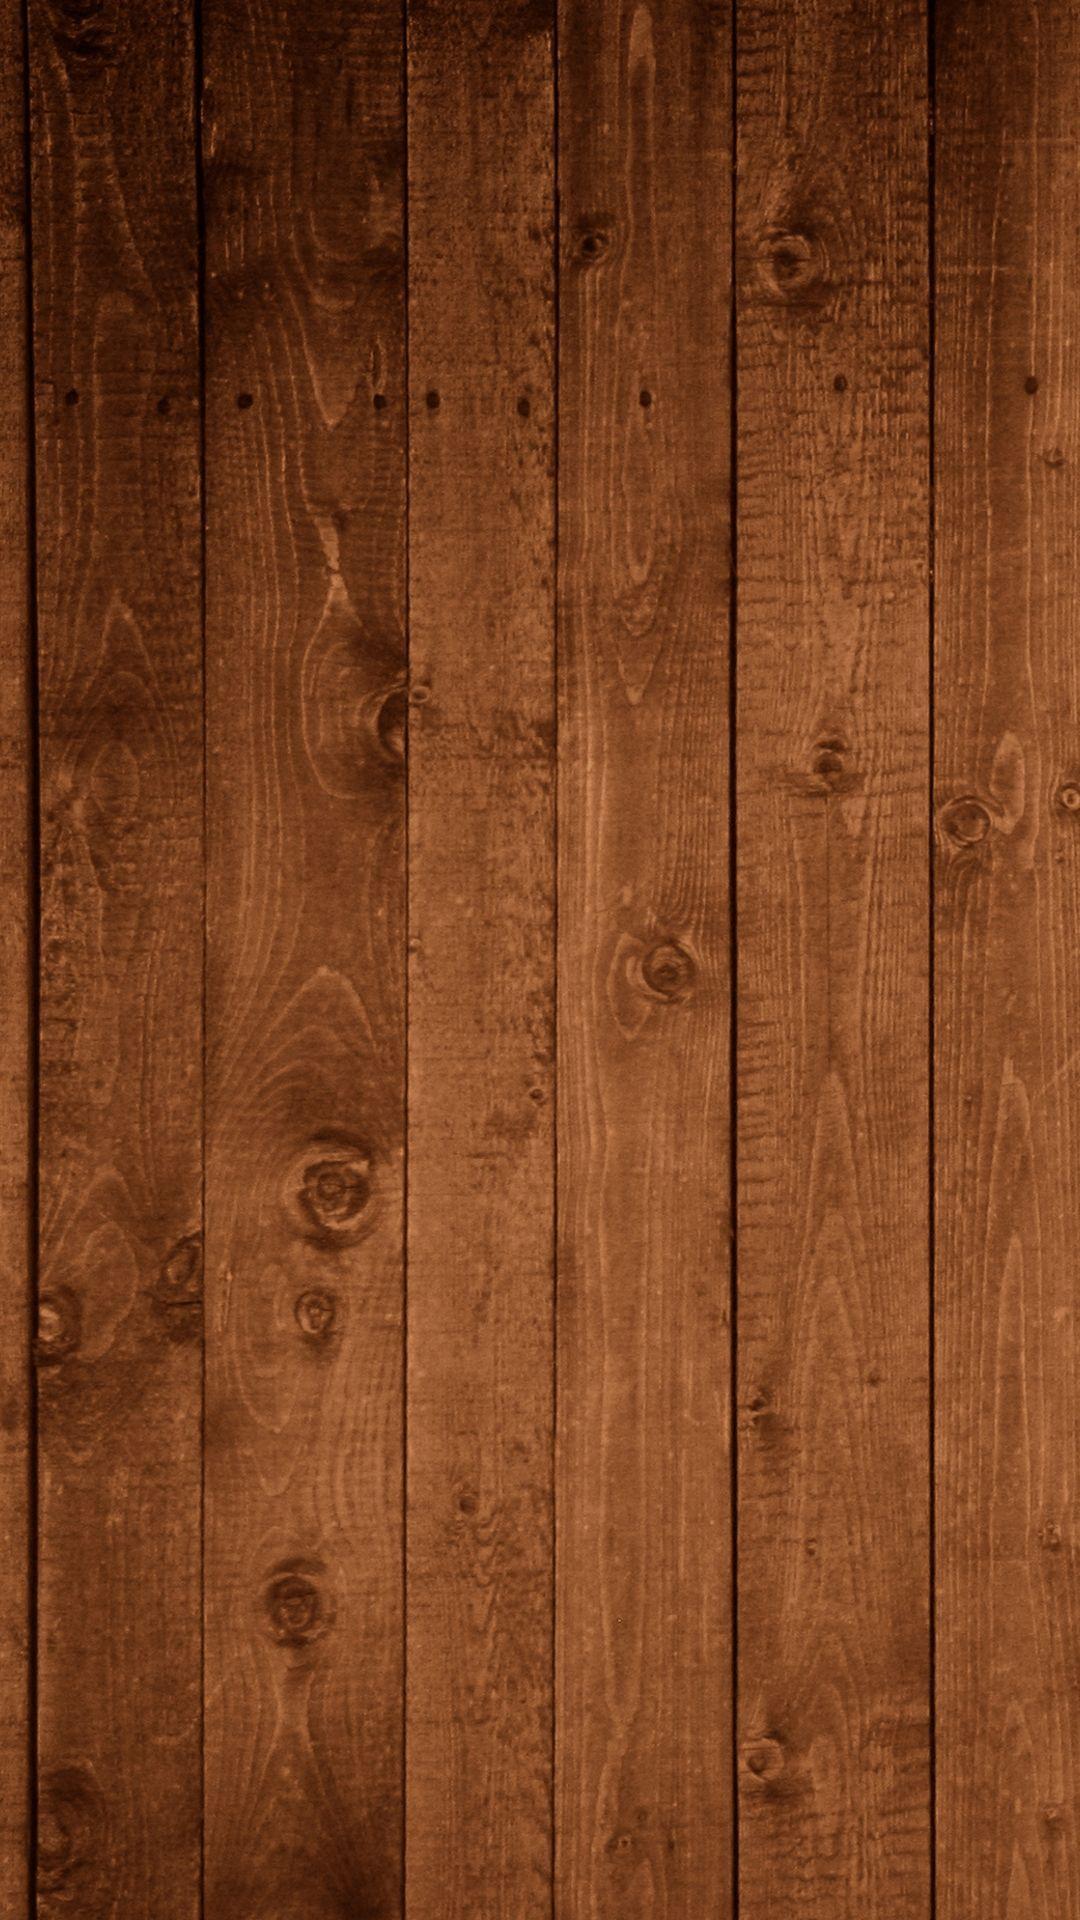 brown.quenalbertini Wood Grain Texture iPhone Wallpaper